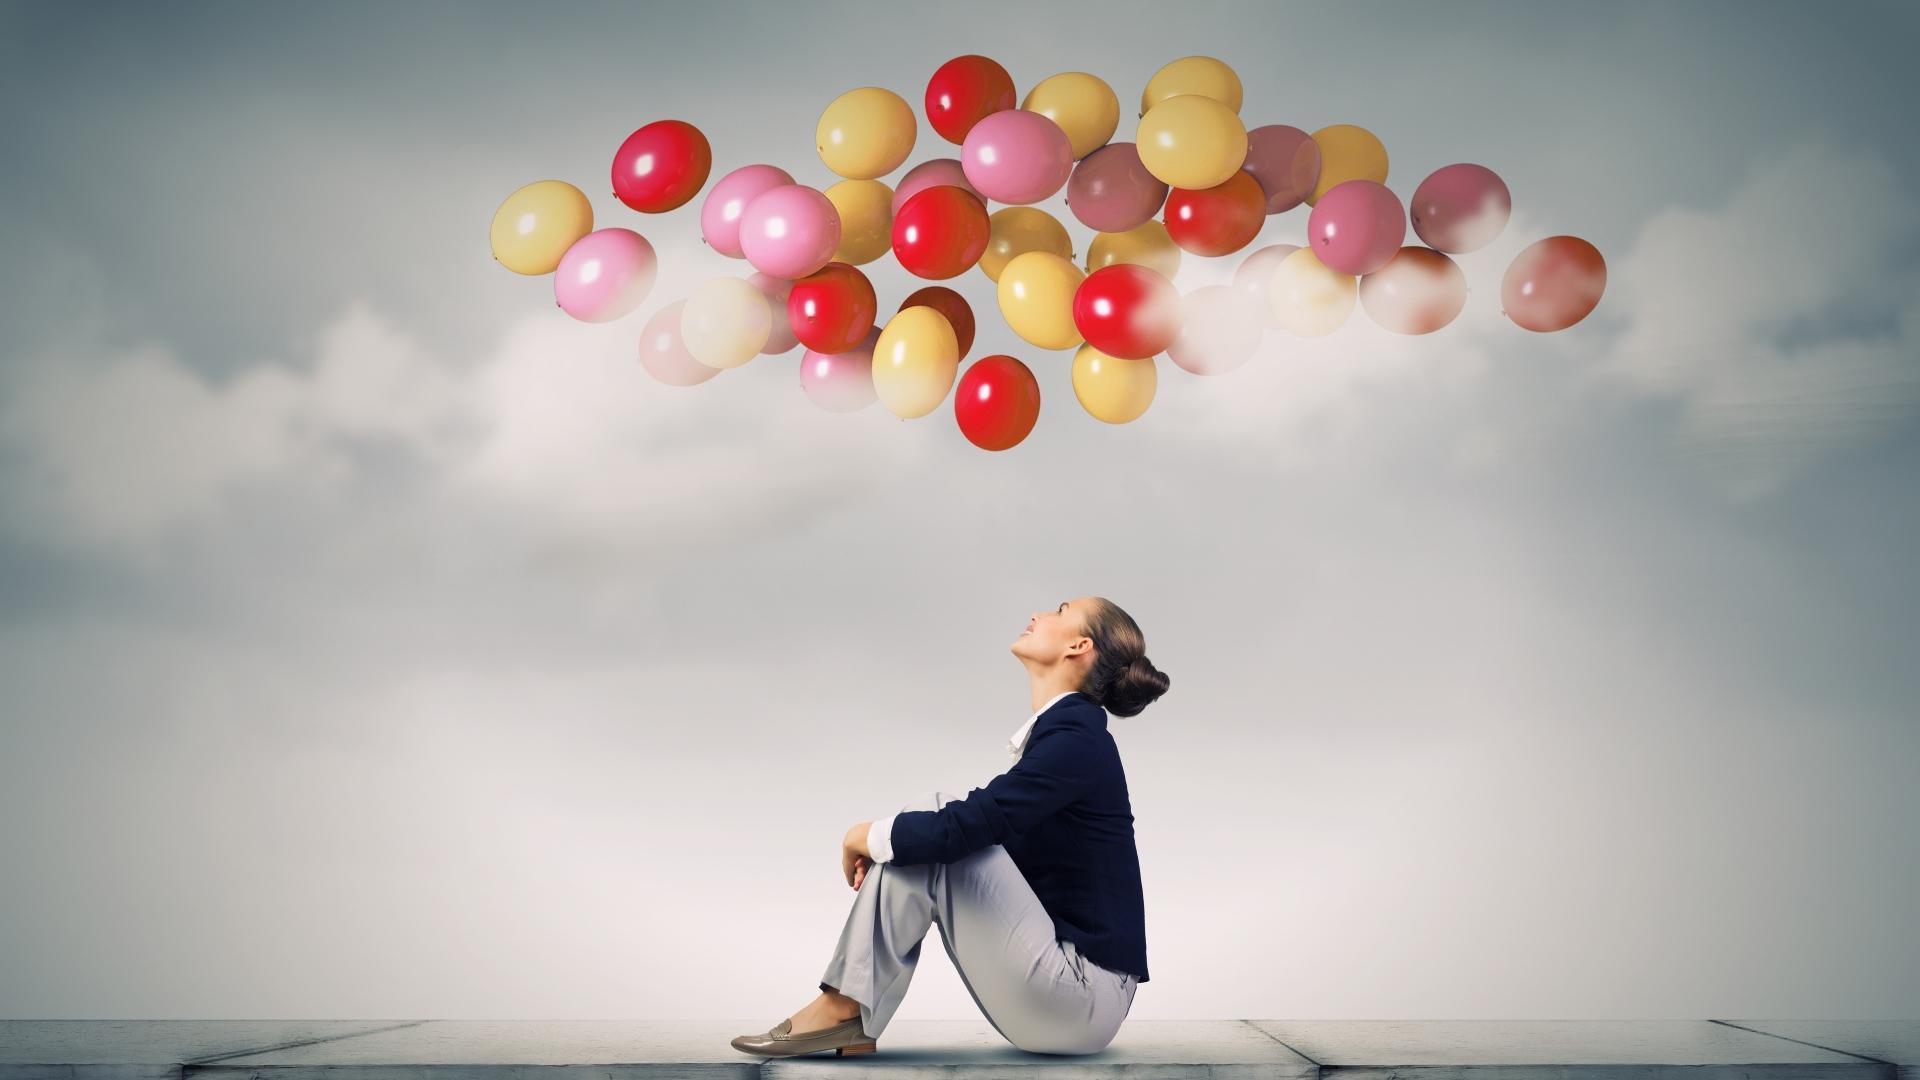 Мечты о счастье приводят к депрессии